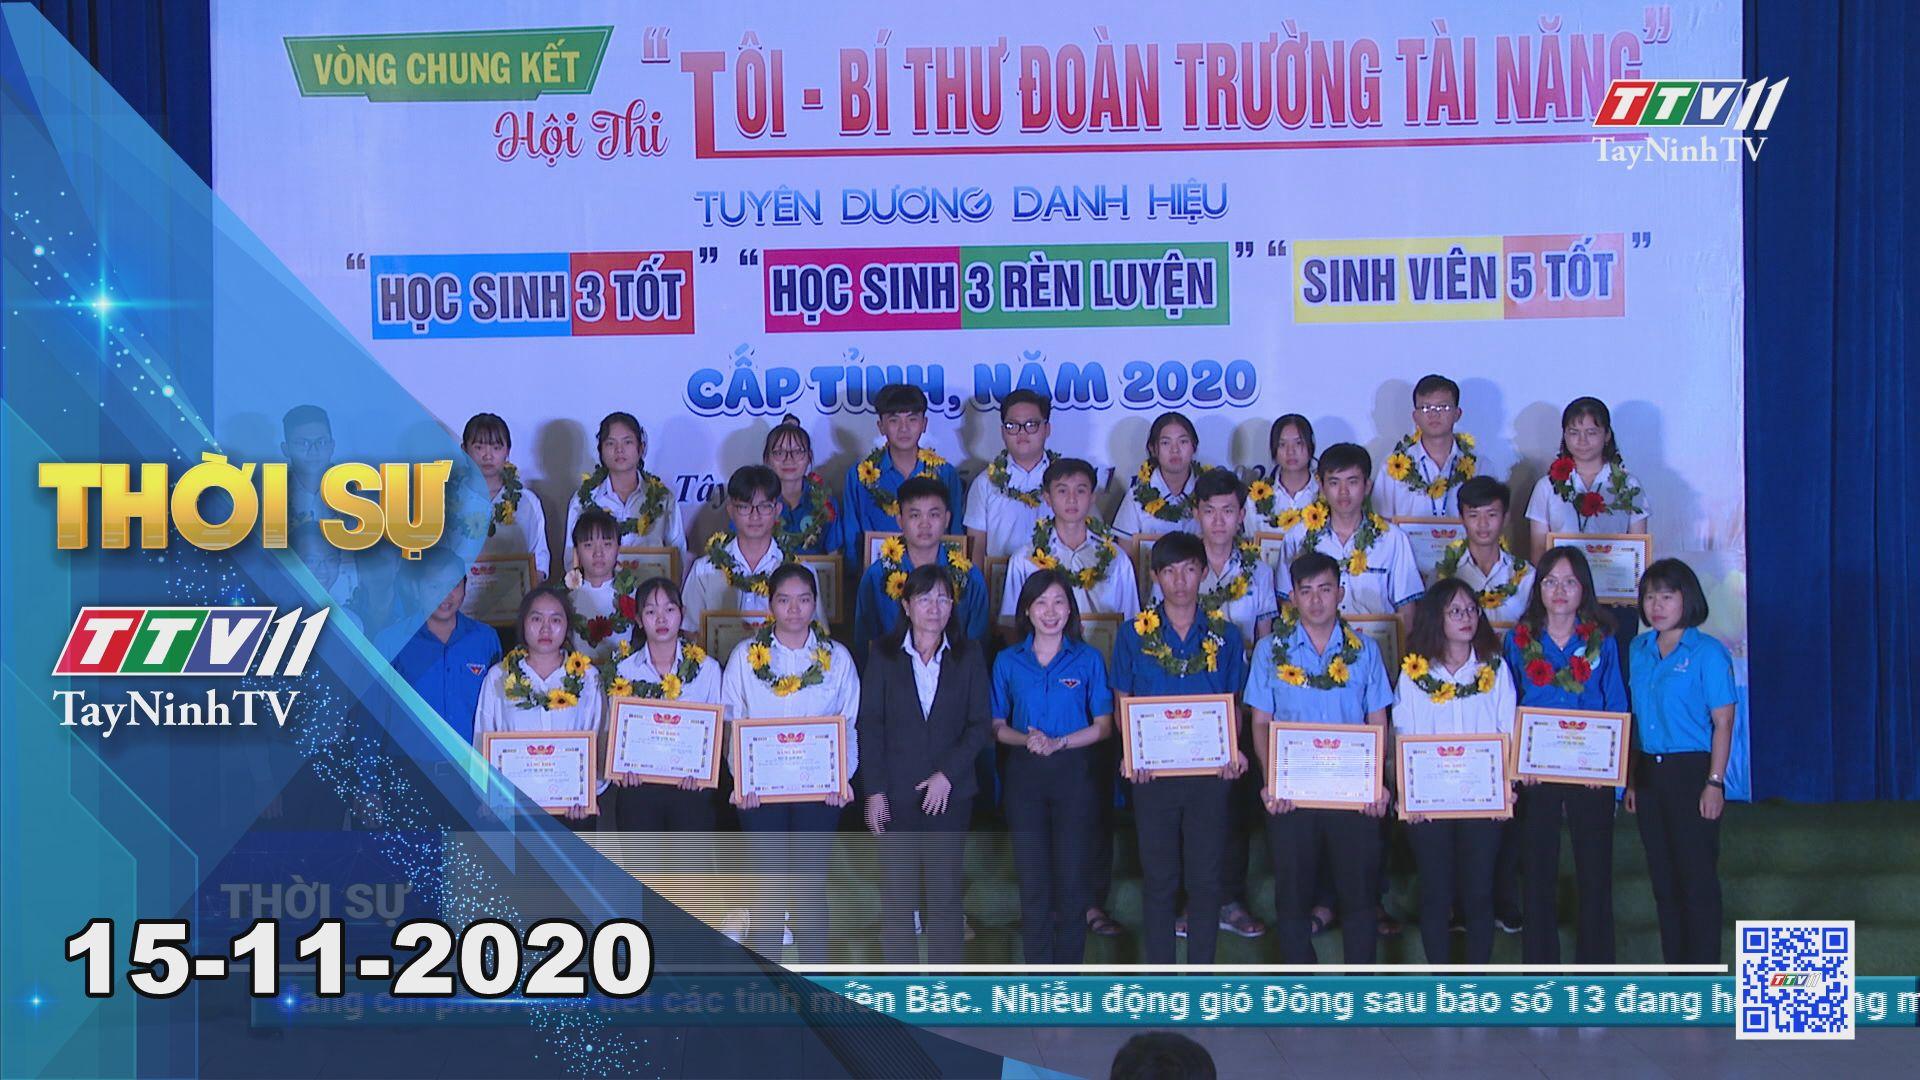 Thời sự Tây Ninh 15-11-2020 | Tin tức hôm nay | TayNinhTV